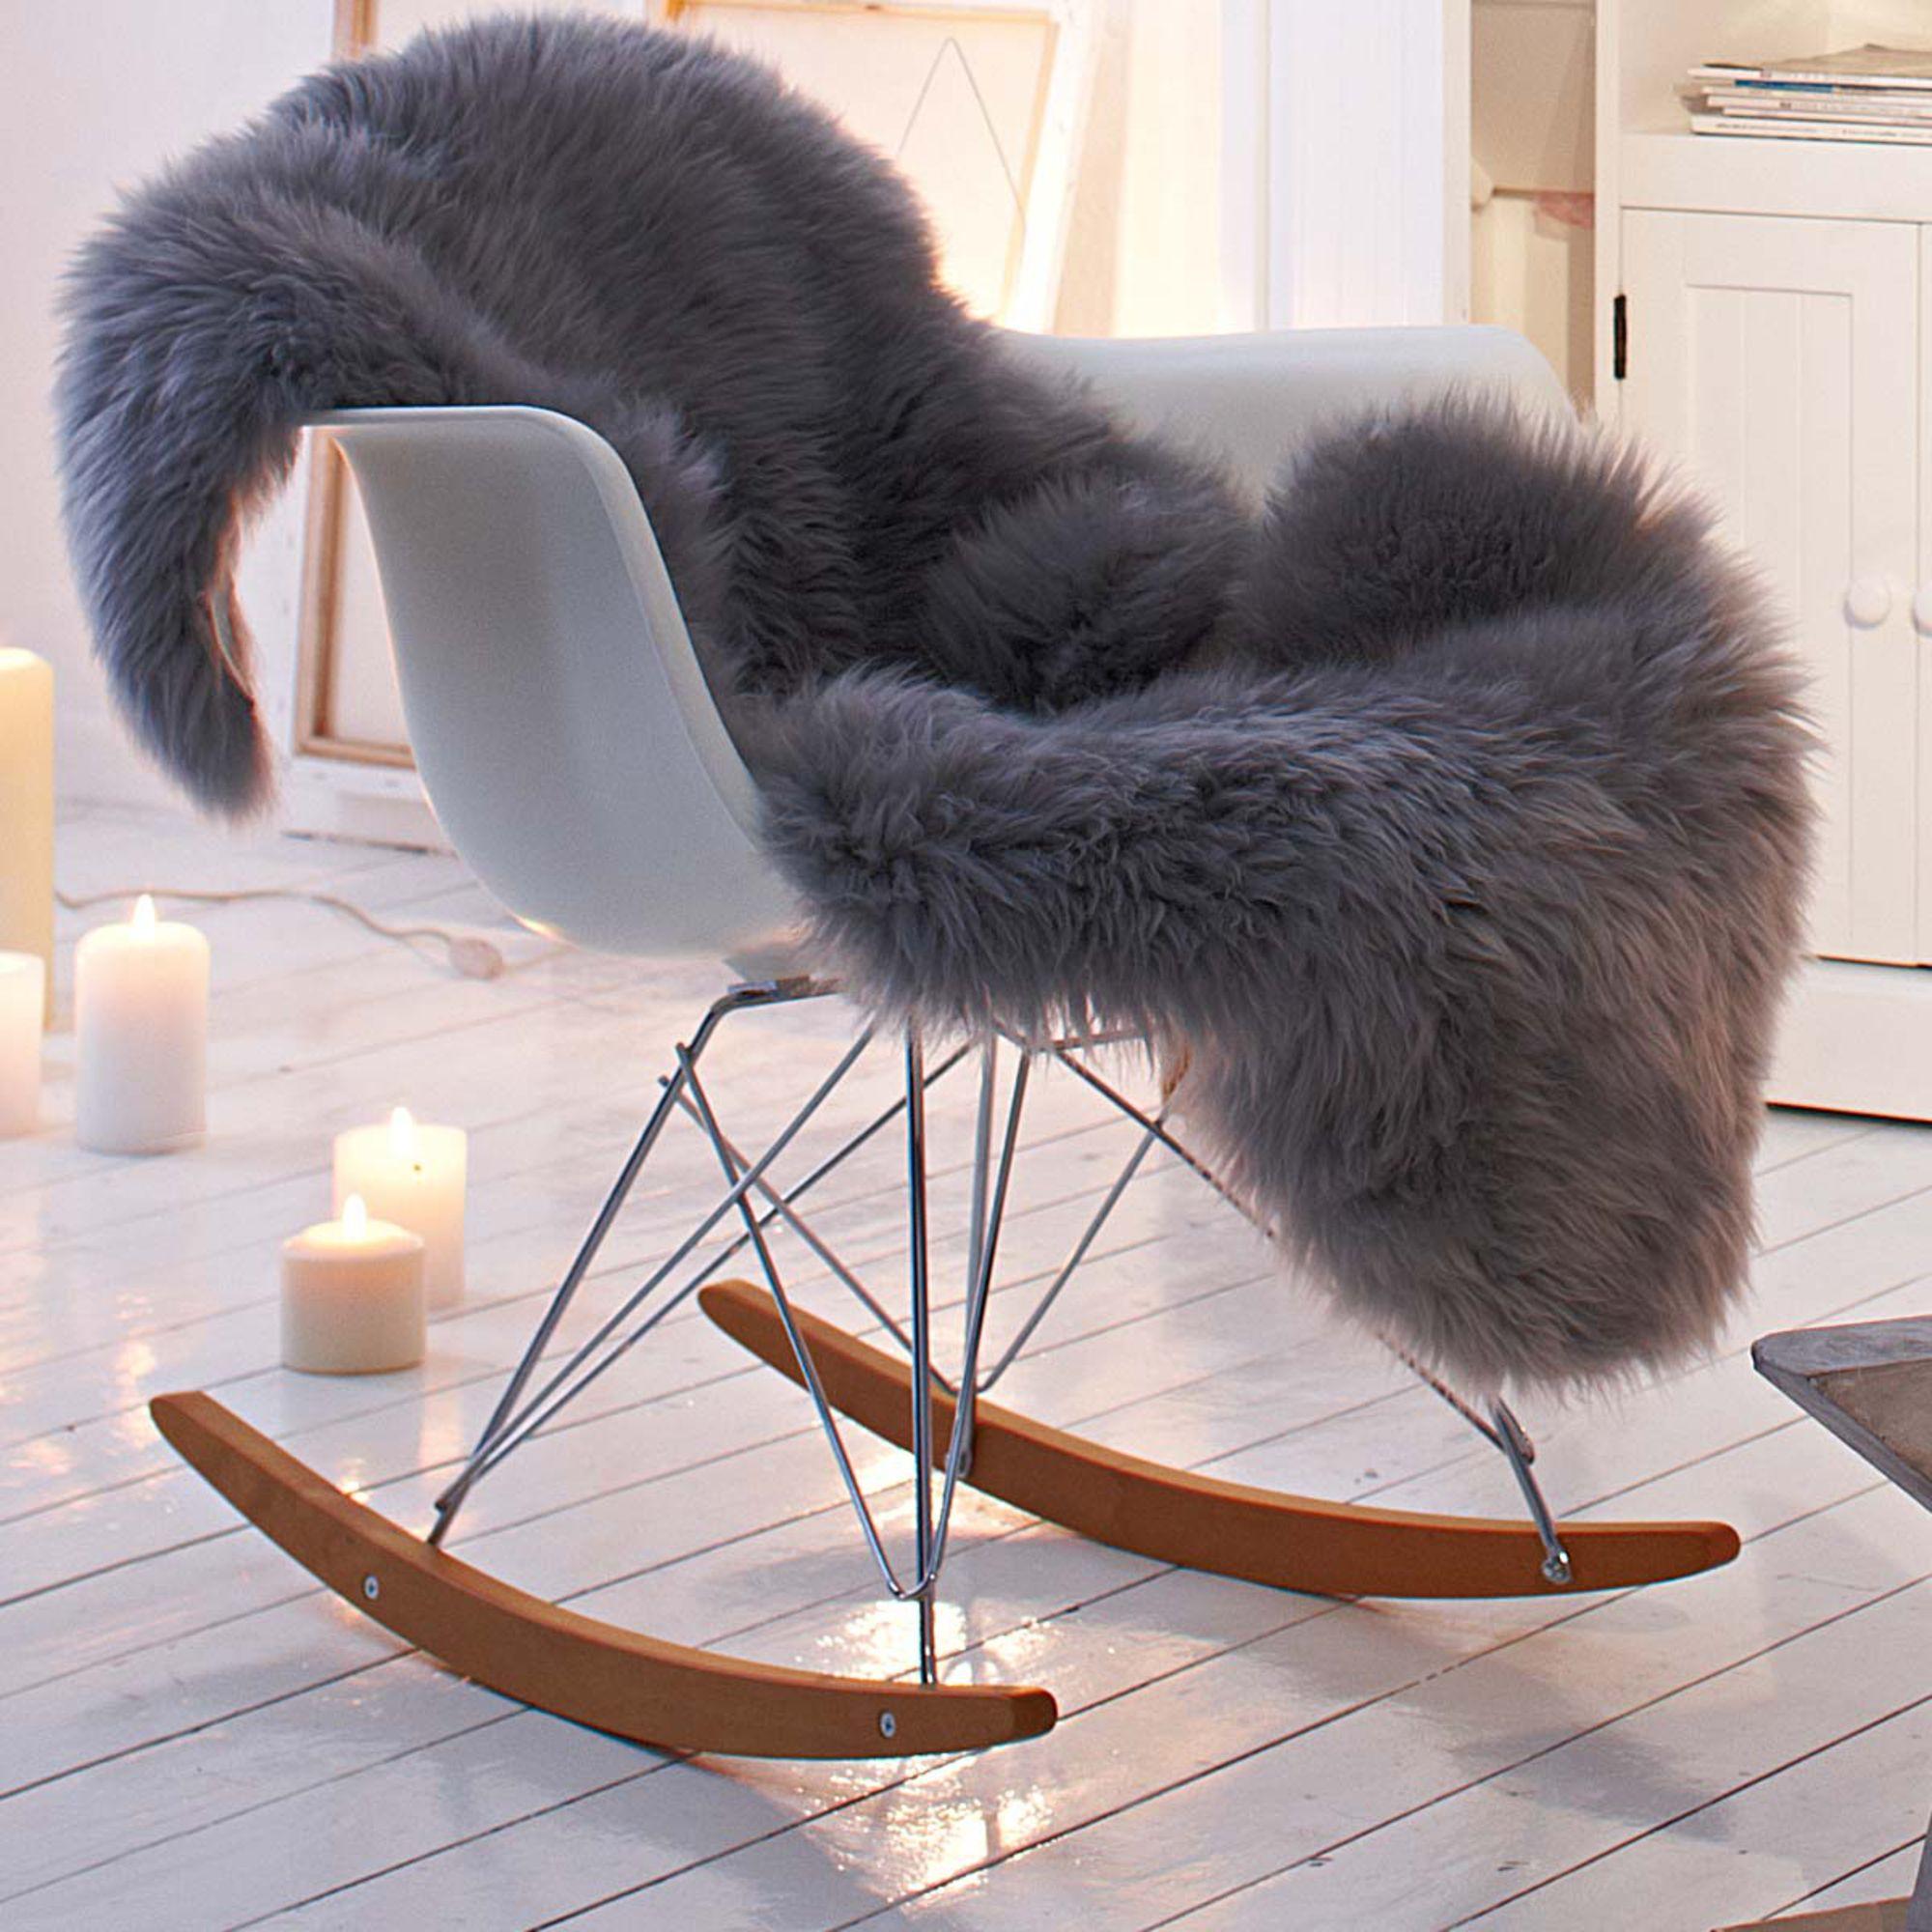 Rar rocking chairs eames style rar rocking arm chair grey - Vitra Eames Plastic Armchair Rar Ahorn Gelblich Chrom Wei Eames Rockereames